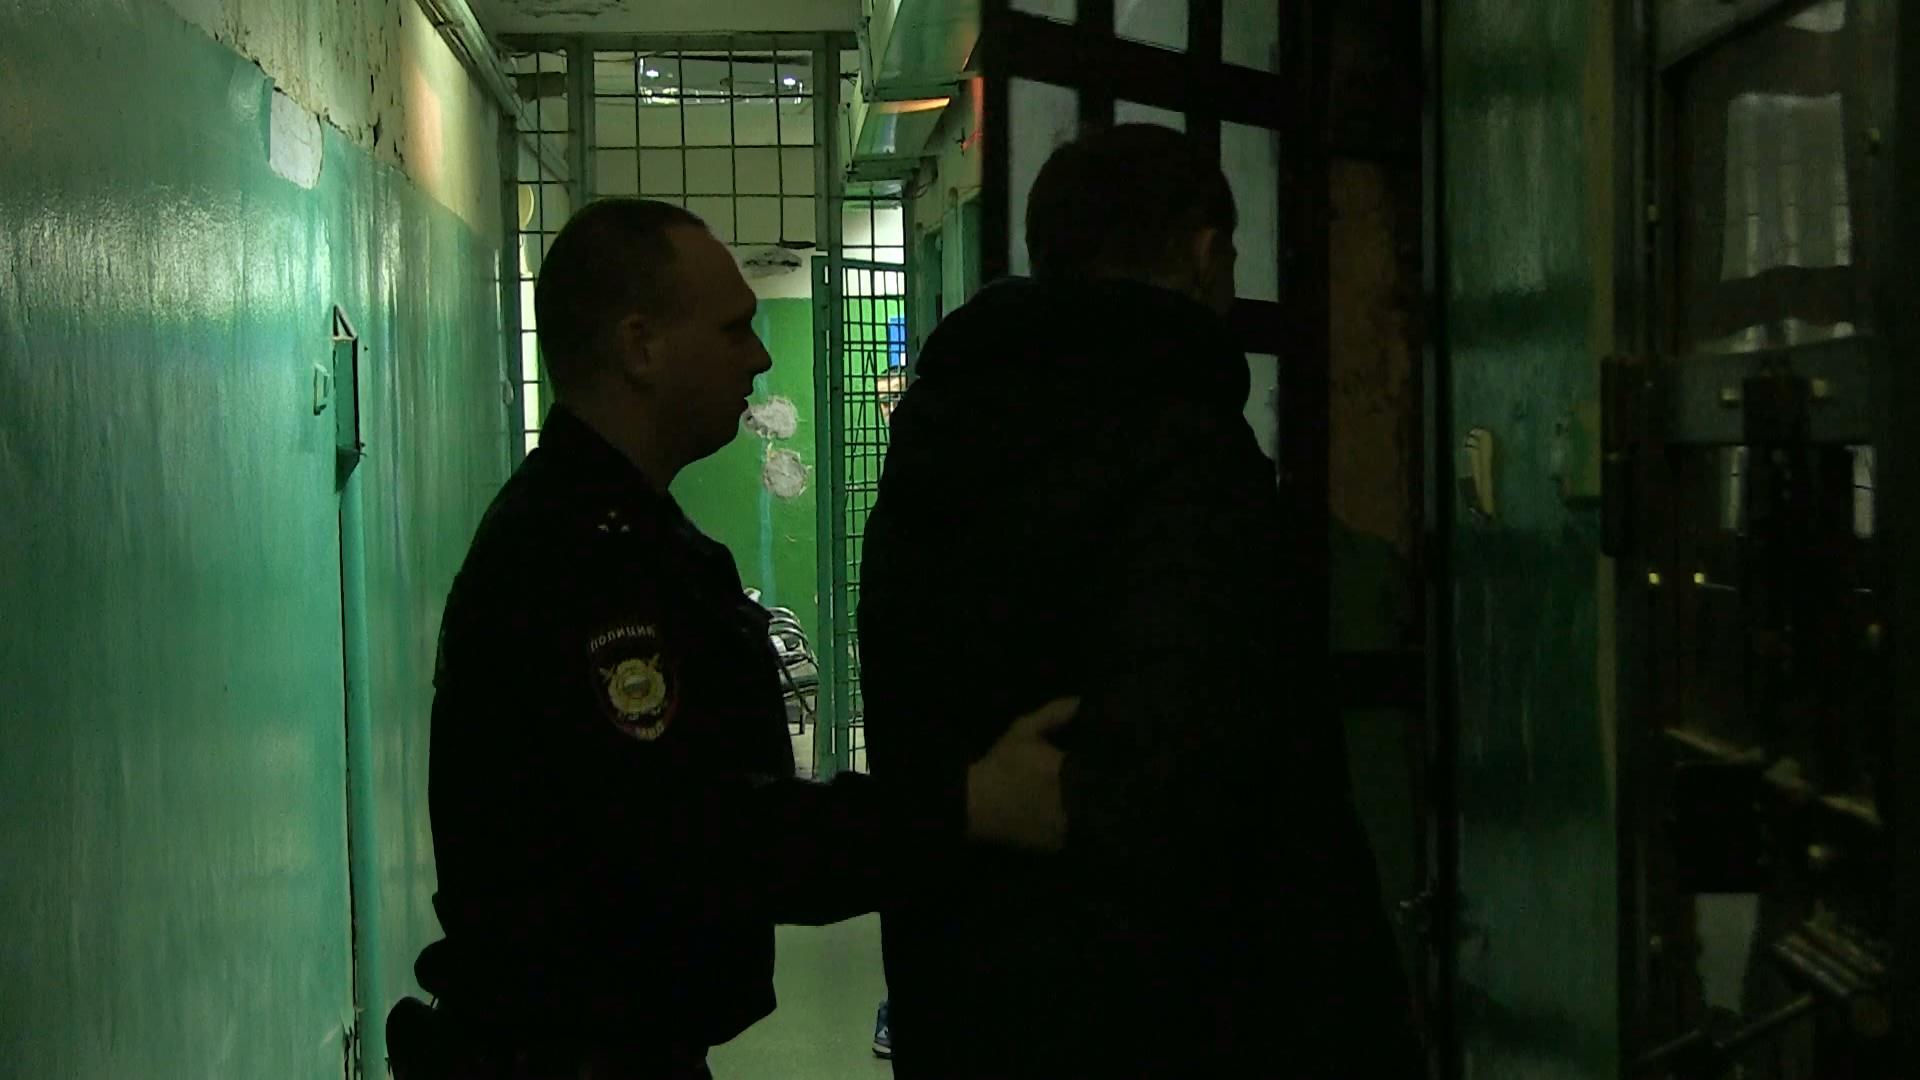 Екатеринбургская полиция задержала мужчину, напавшего на пенсионерку на Бебеля. Разыскиваются другие пострадавшие